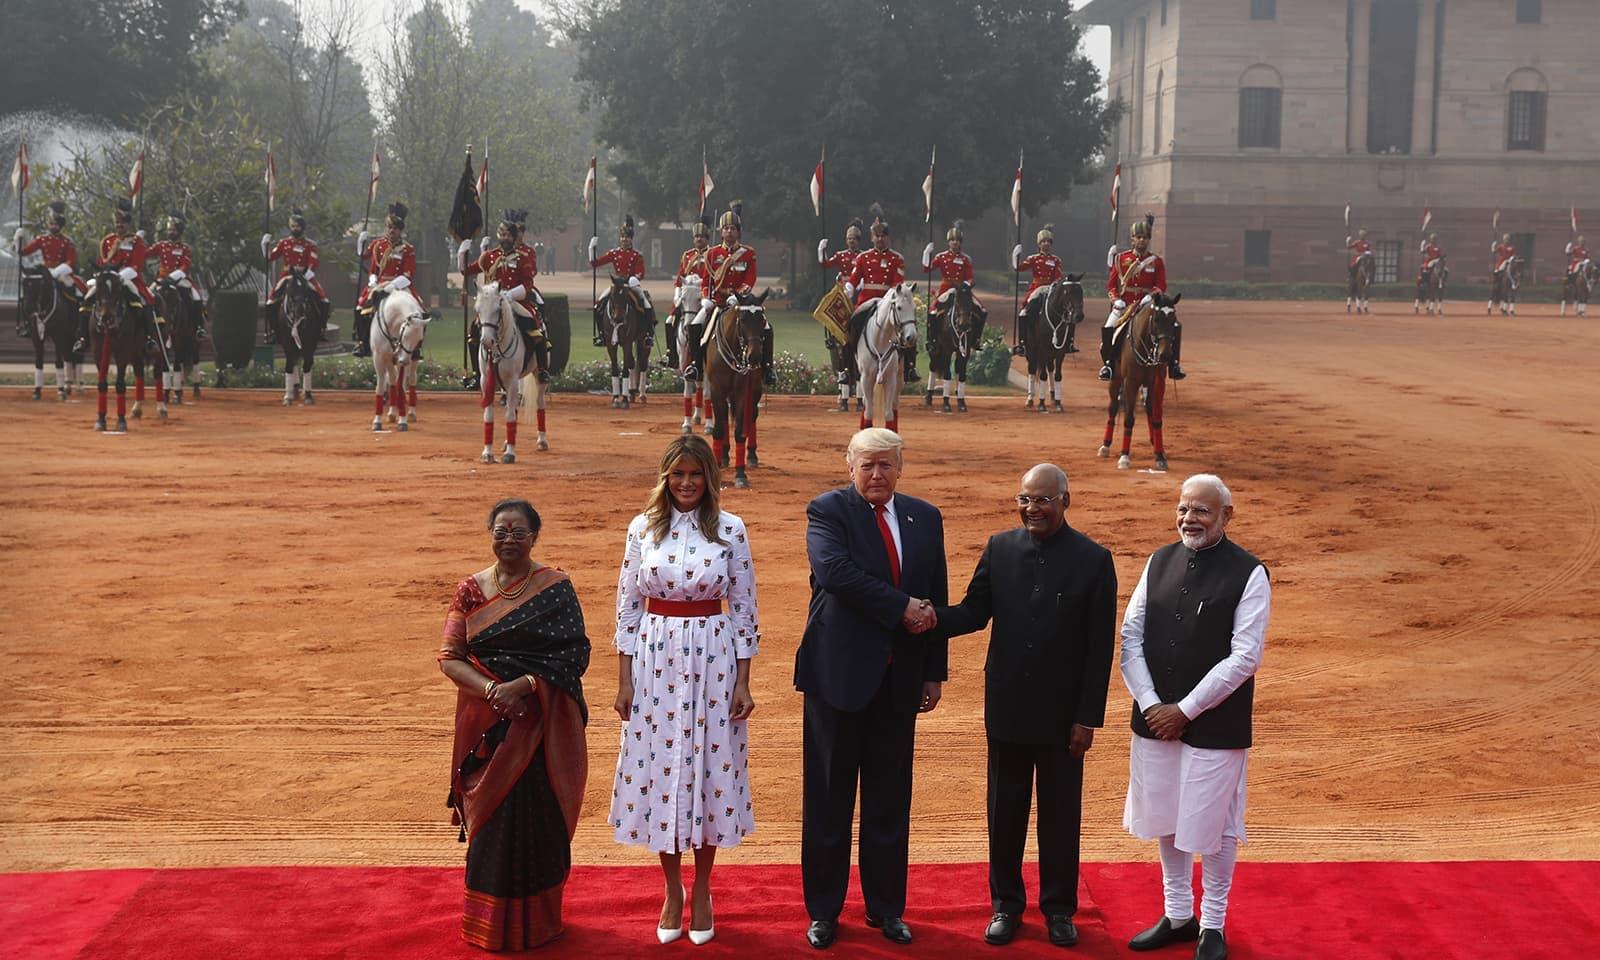 ڈونلڈ ٹرمپ نے بھارتی صدر اور ان کی اہلیہ سے بھی ملاقات کی — فوٹو: رائٹرز